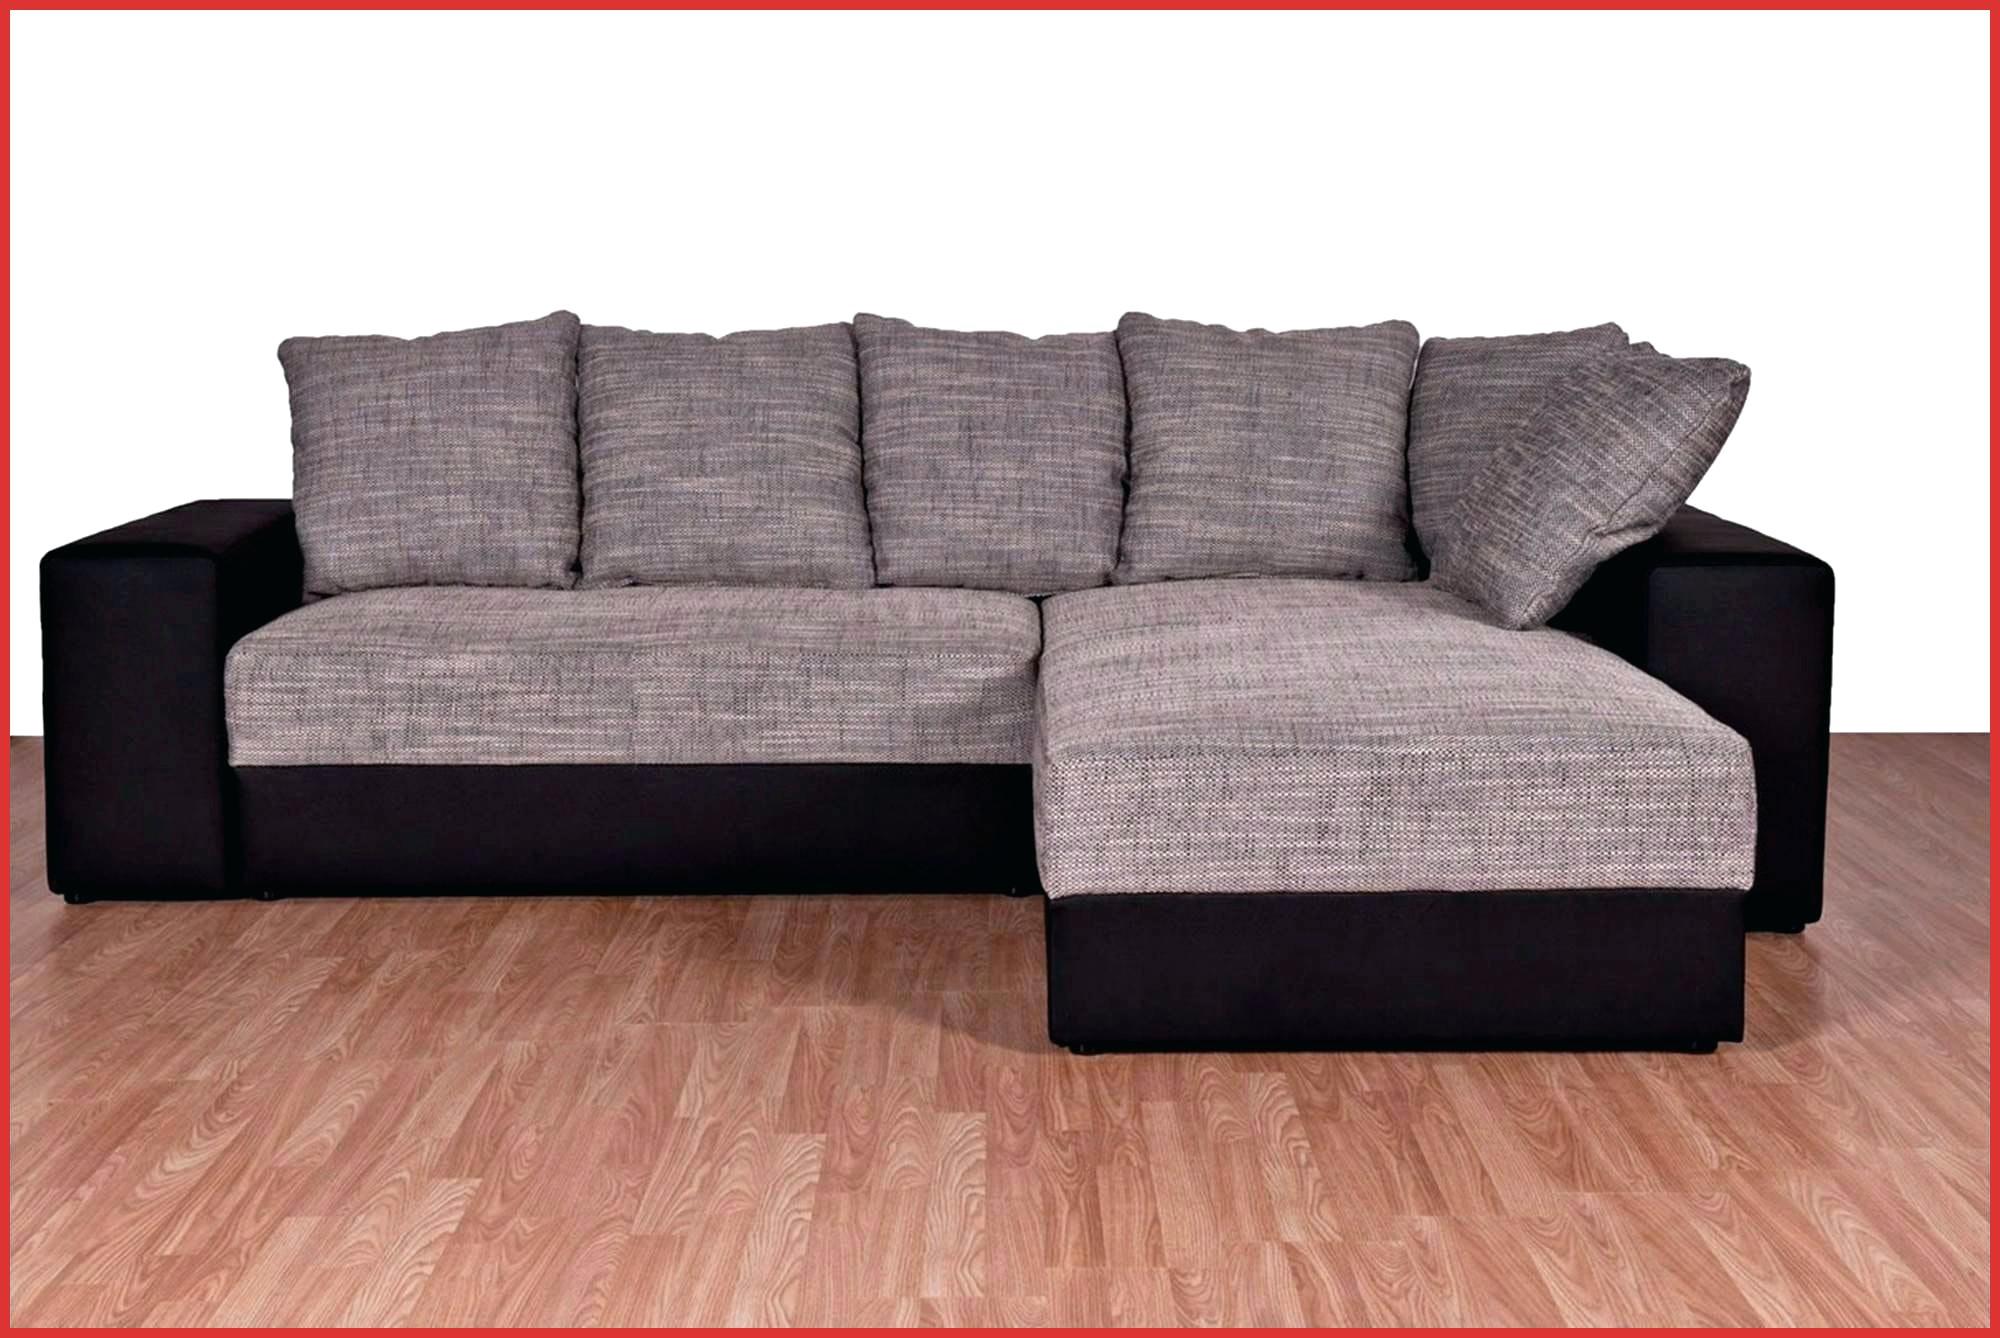 Canapé Cuir Convertible Ikea Meilleur De Photos Article with Tag Coussin Pour Meuble Exterieur